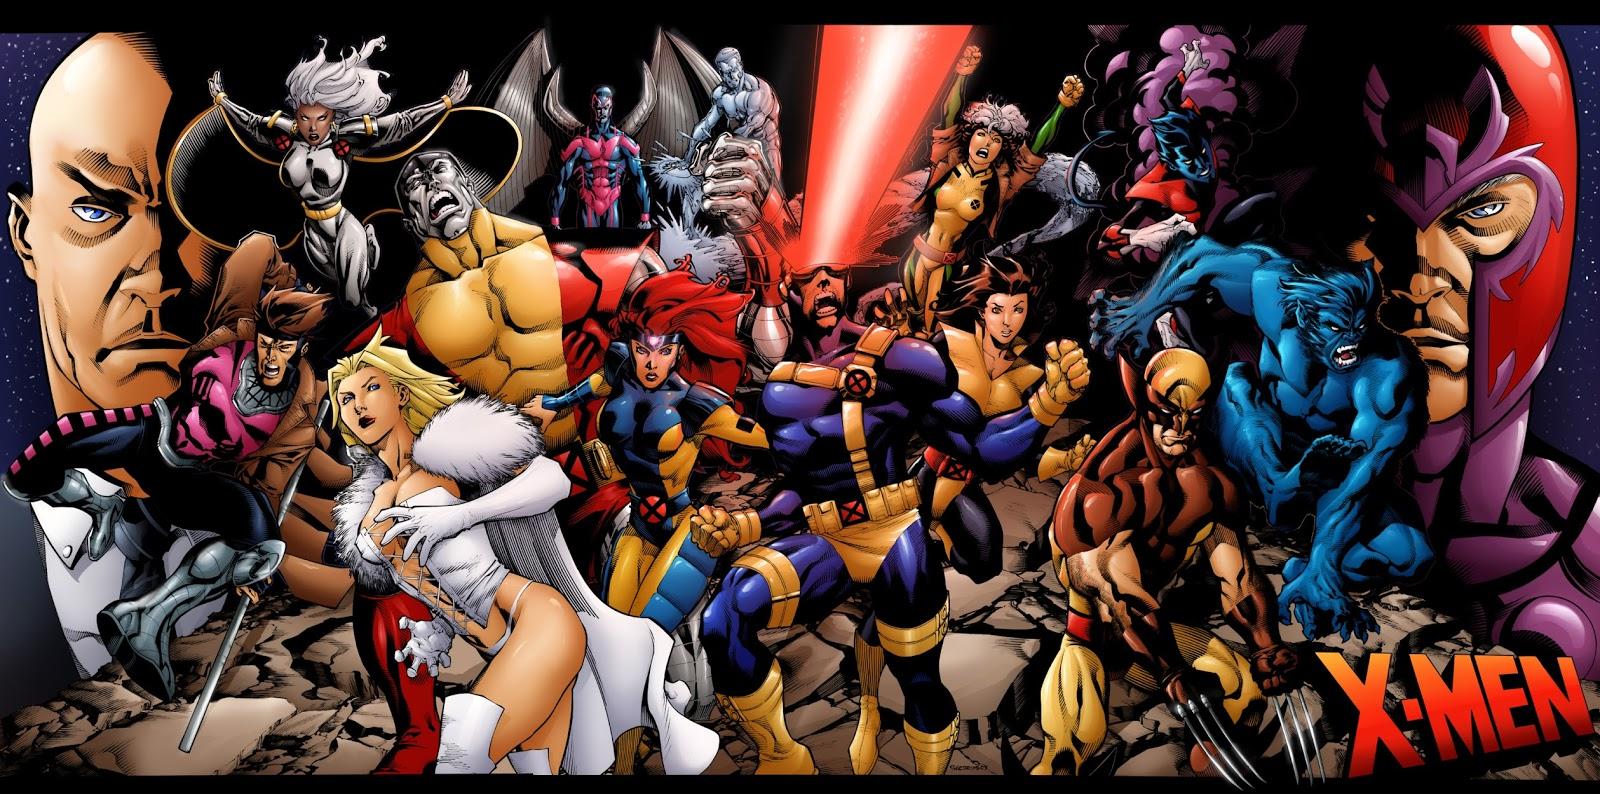 X-men fotos dos personagens 70